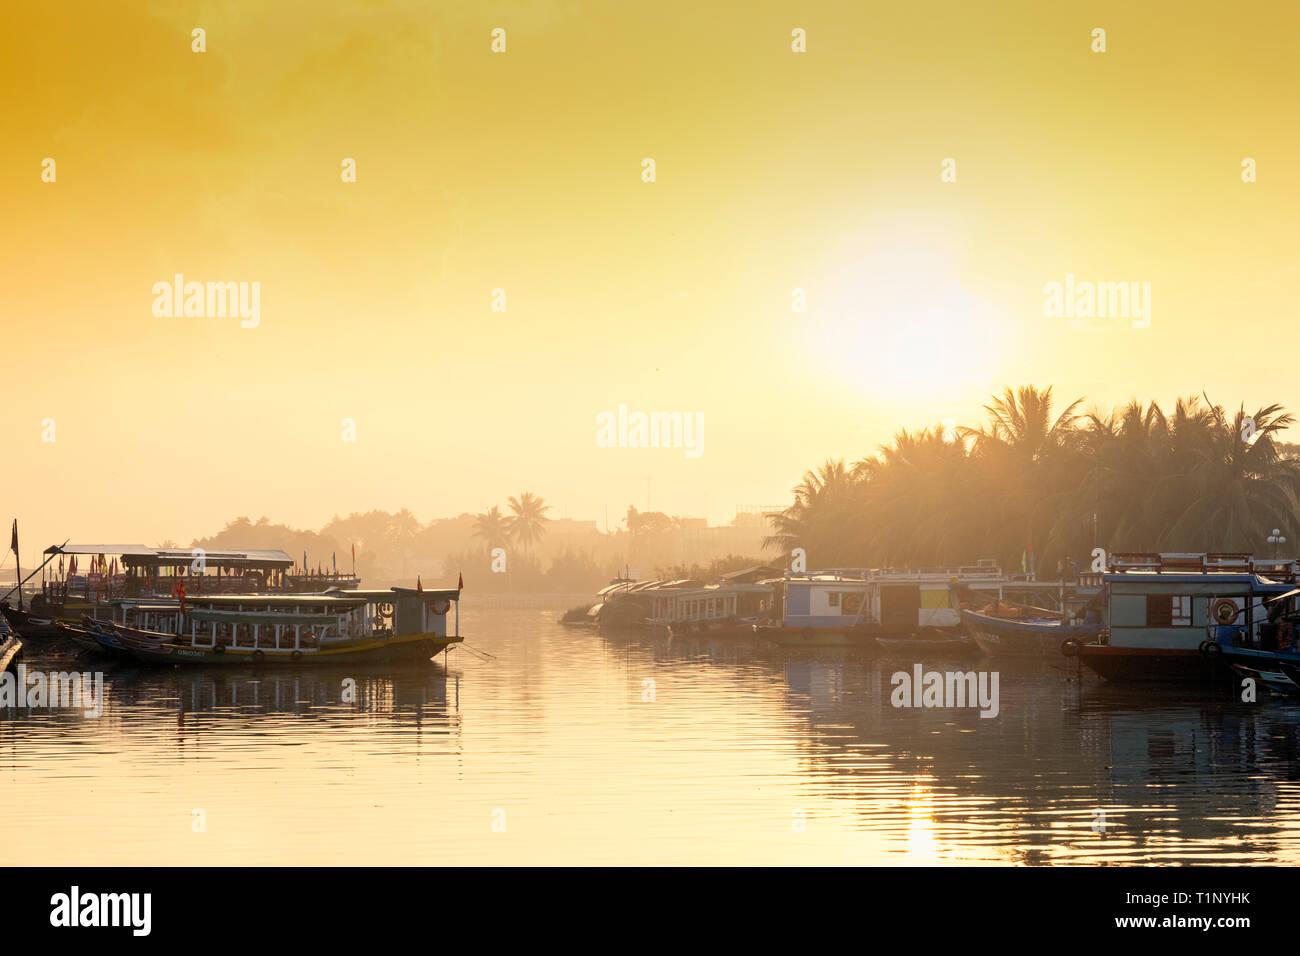 Lumière dorée sur la rivière Thu Bon dans un chaud, montrant la silhouette du bateau Photo Stock